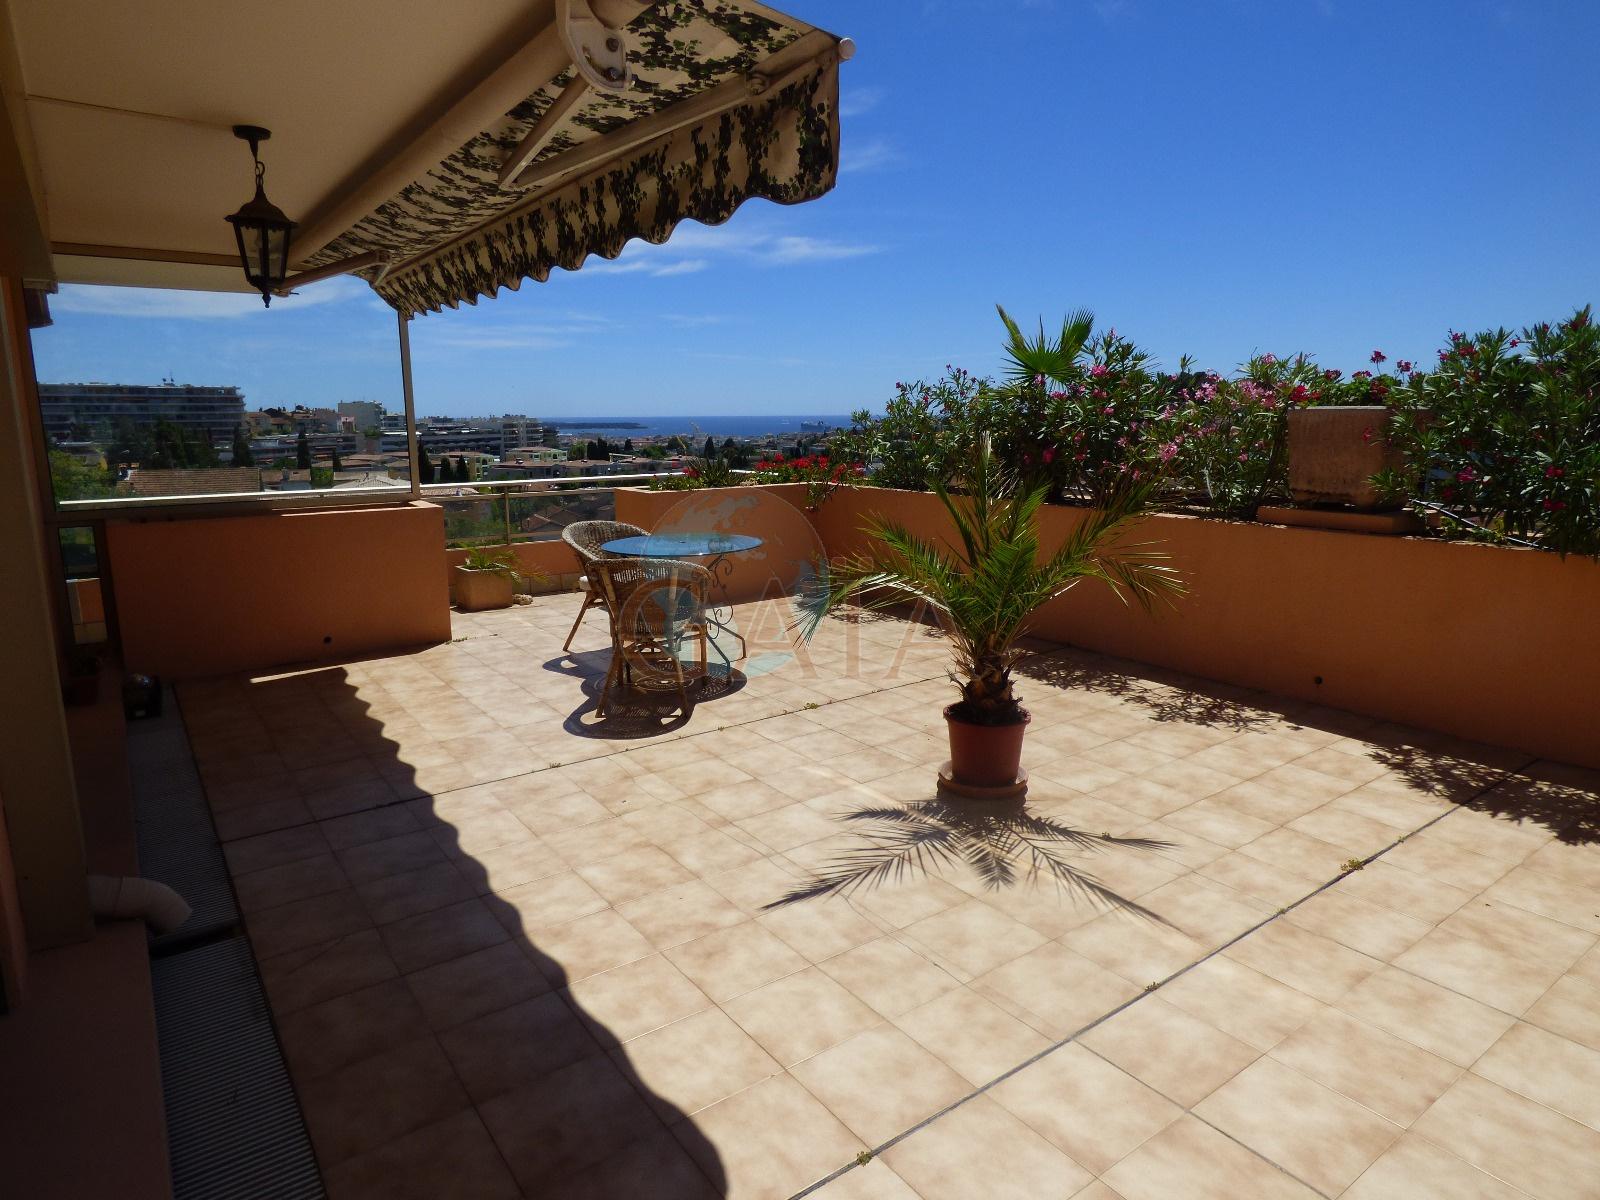 le cannet toit terrasse avec vue mer panoramique piscine. Black Bedroom Furniture Sets. Home Design Ideas